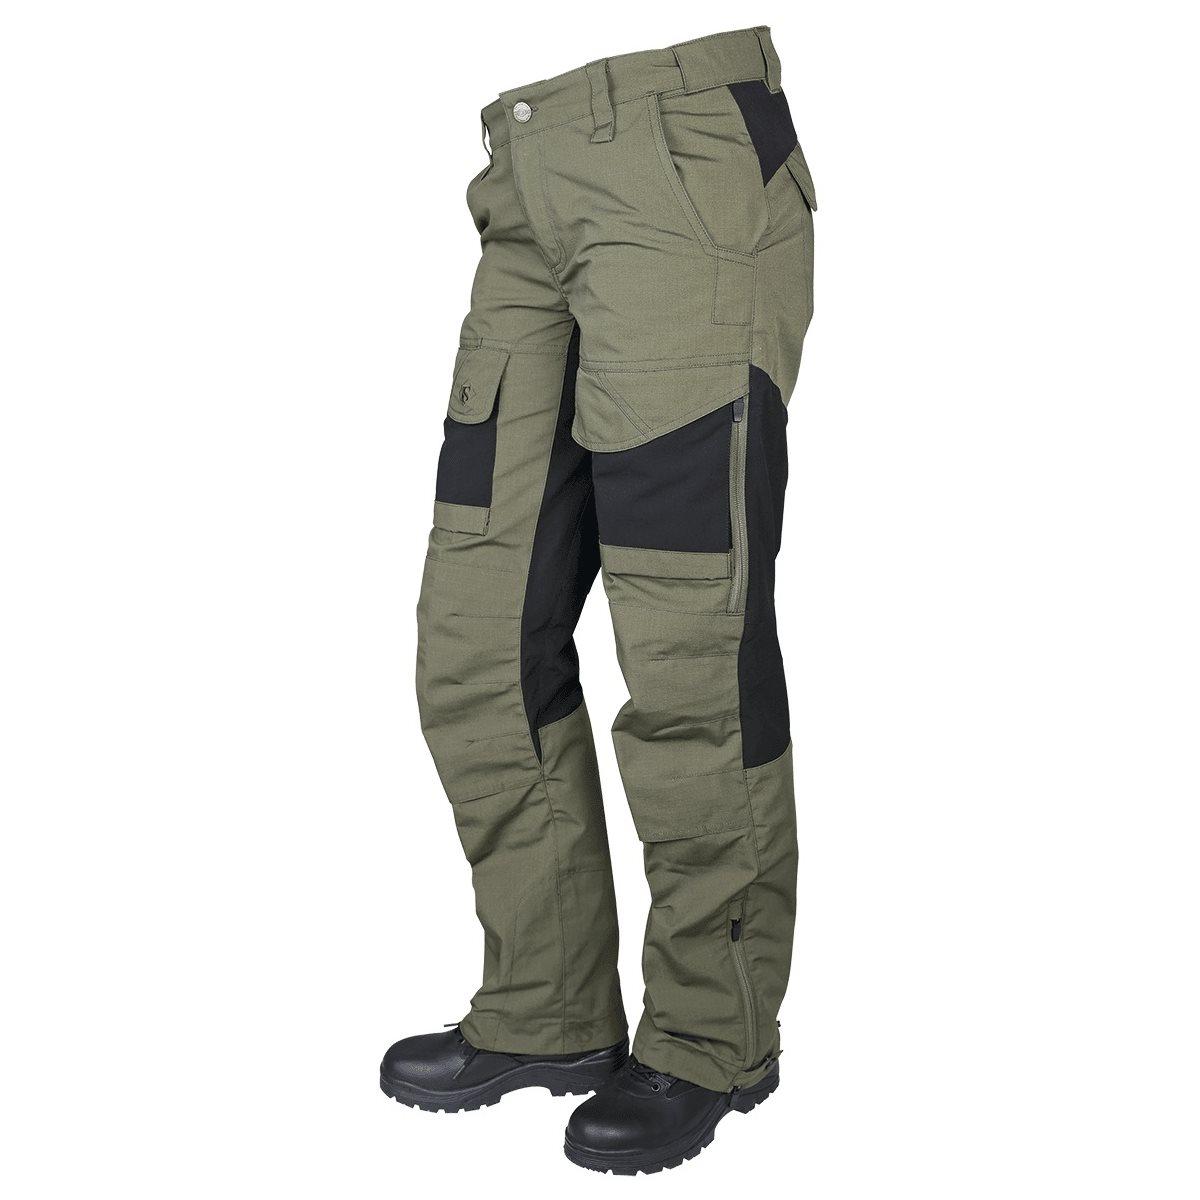 Kalhoty dámské 24-7 SERIES® XPEDITION rip-stop ZELENO/ÈERNÉ - zvìtšit obrázek